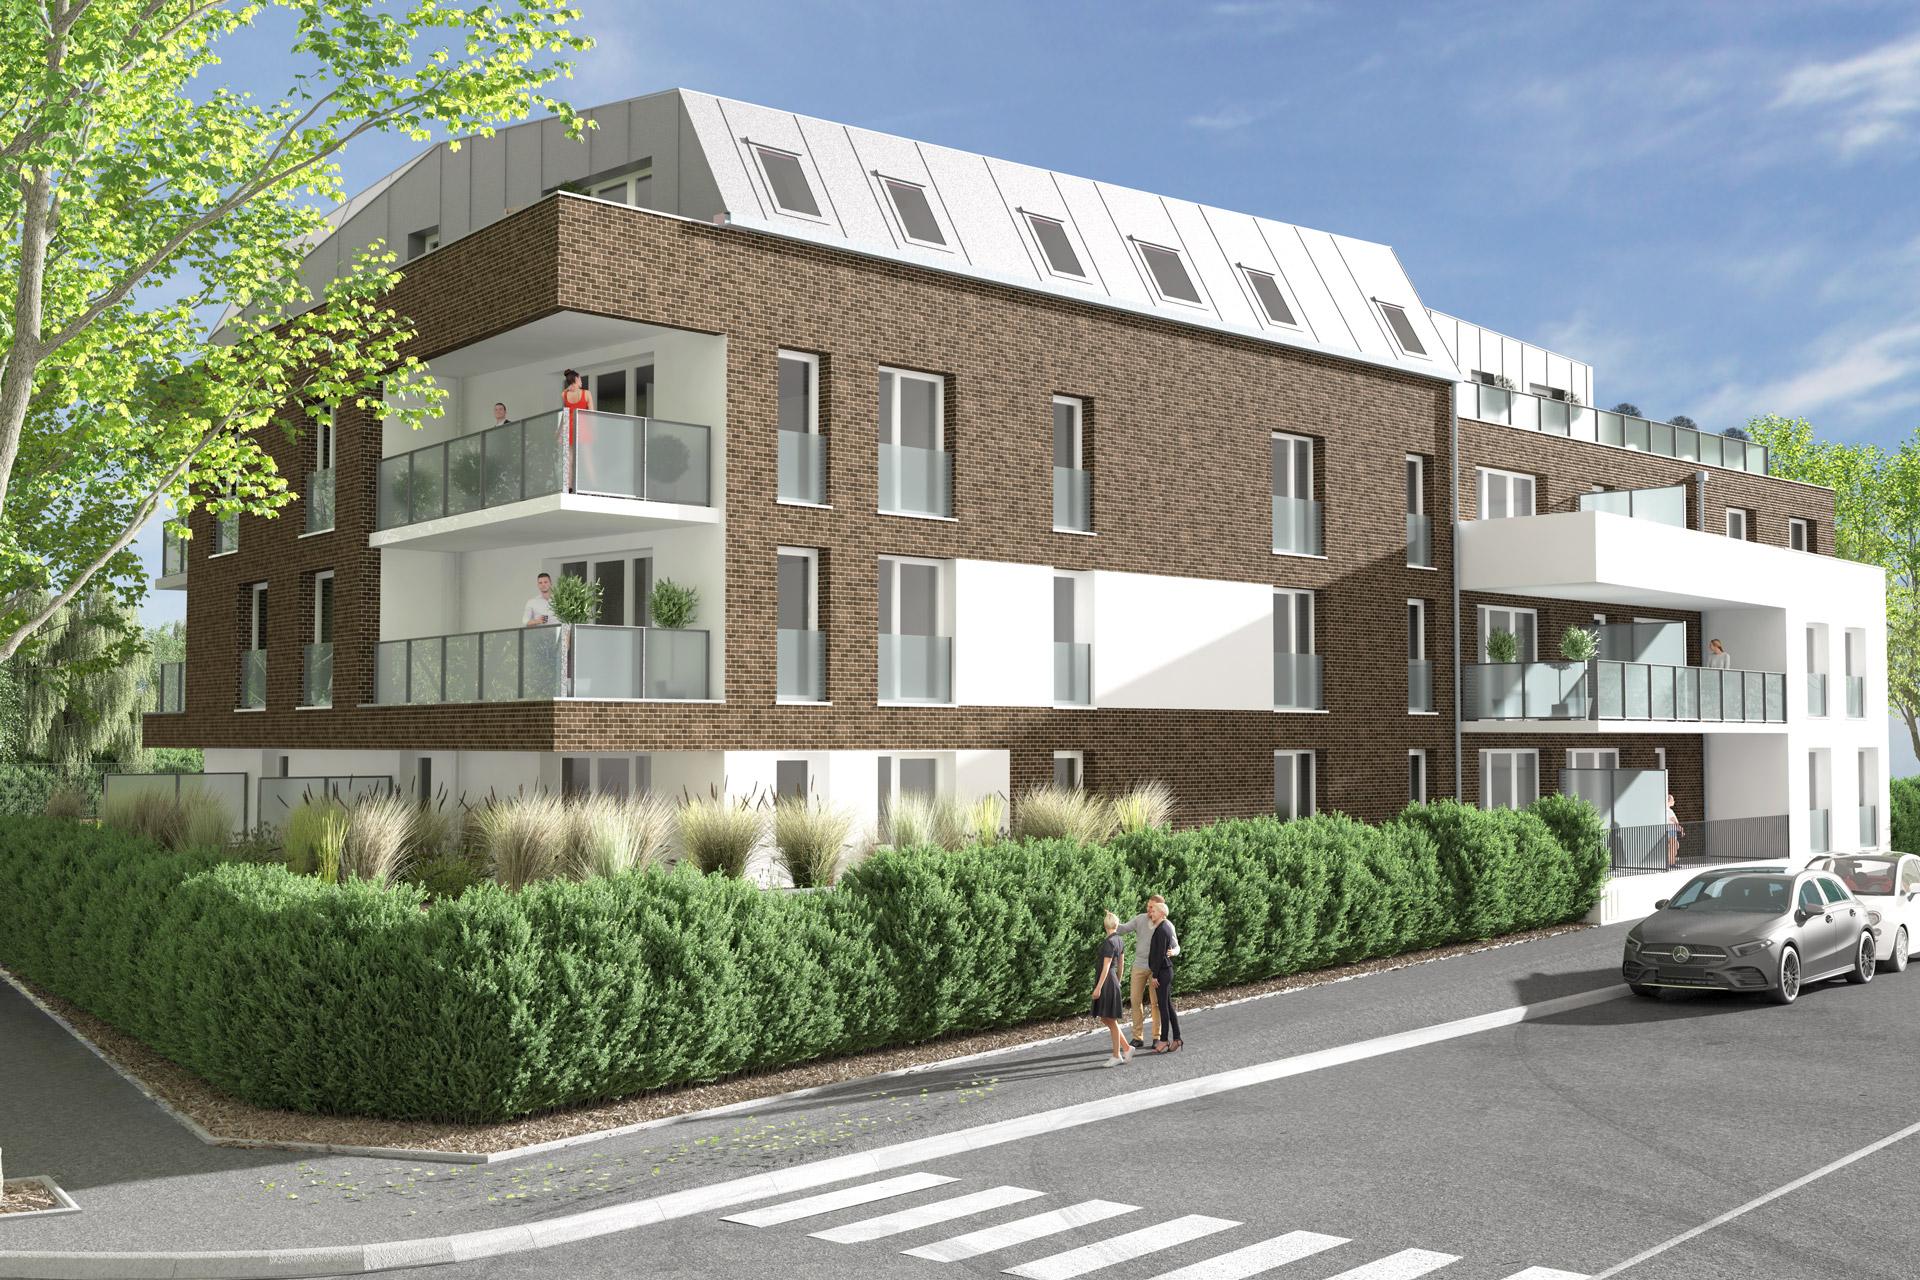 Résidence TEMPO à Croix - Appartements neuf - Loger habitat